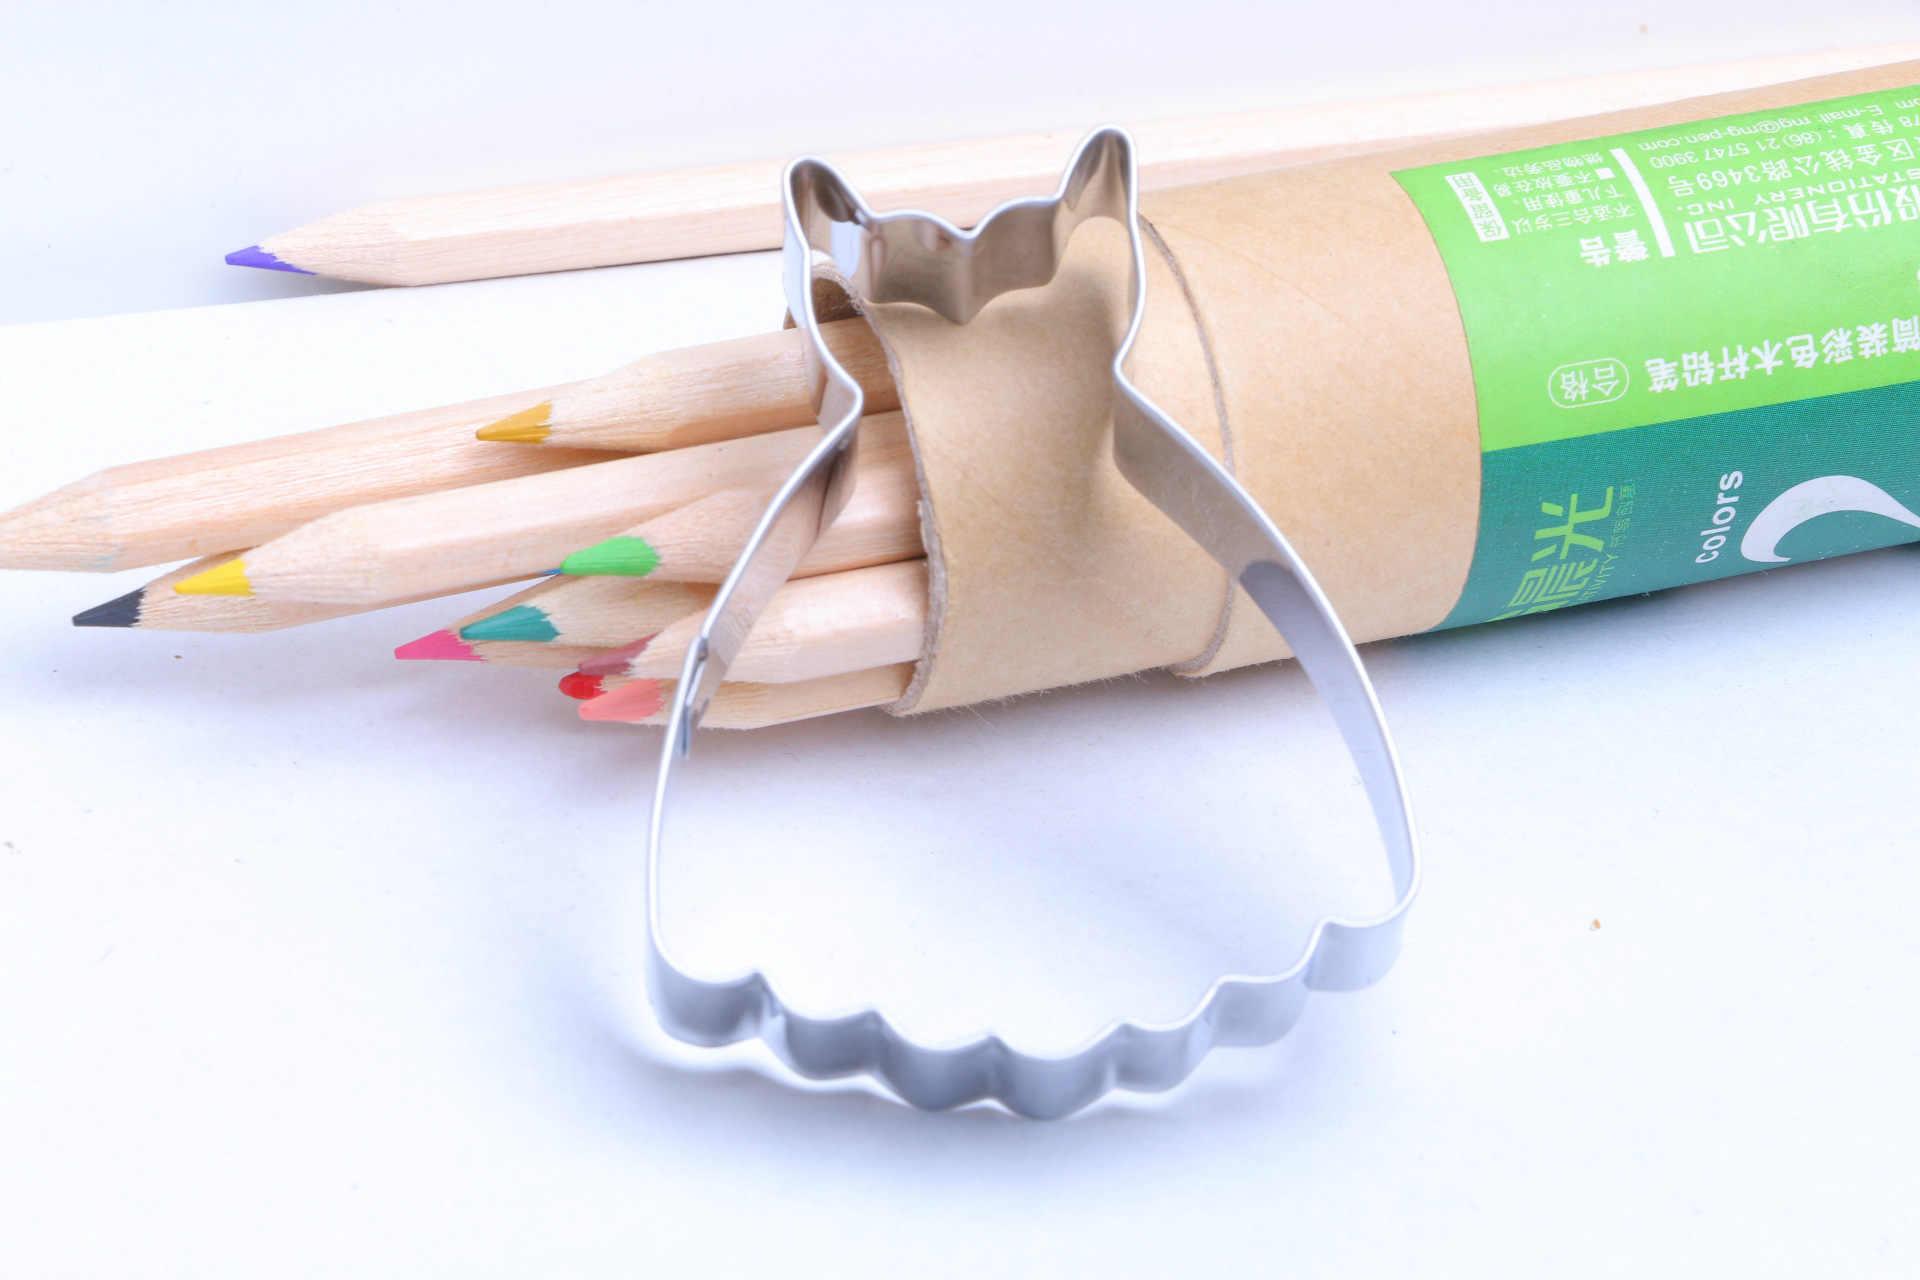 1 قطعة فستان حفل زفاف قالب قطع الكعكة المعدنية فندان كعكة البسكويت قالب كب كيك أداة المطبخ بوابة يتوافق E419